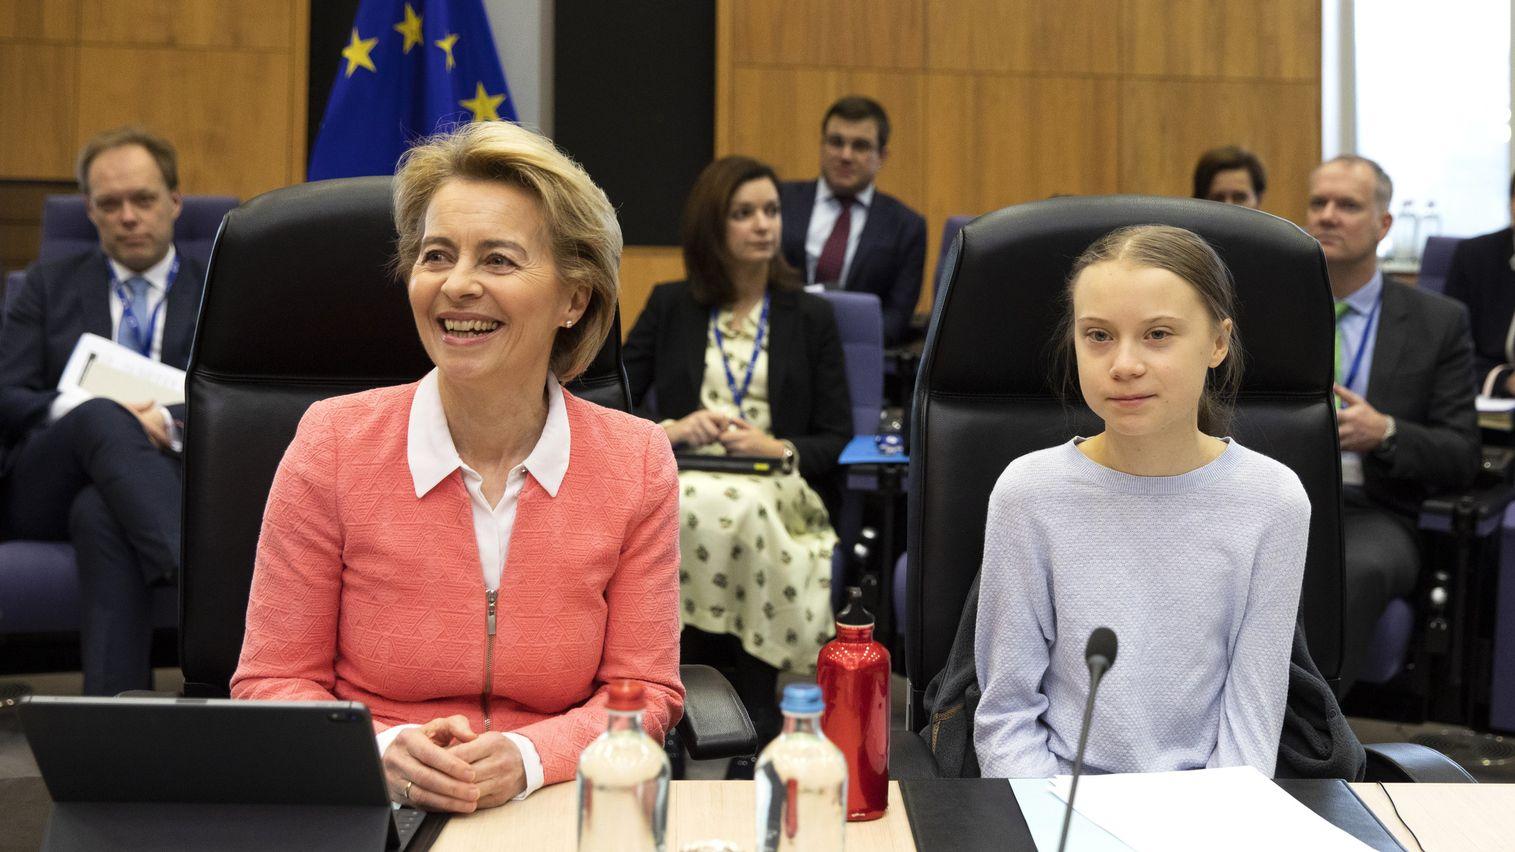 Greta Thunberg (r) und Ursula von der Leyen, Präsidentin der Europäischen Kommission, in Brüssel